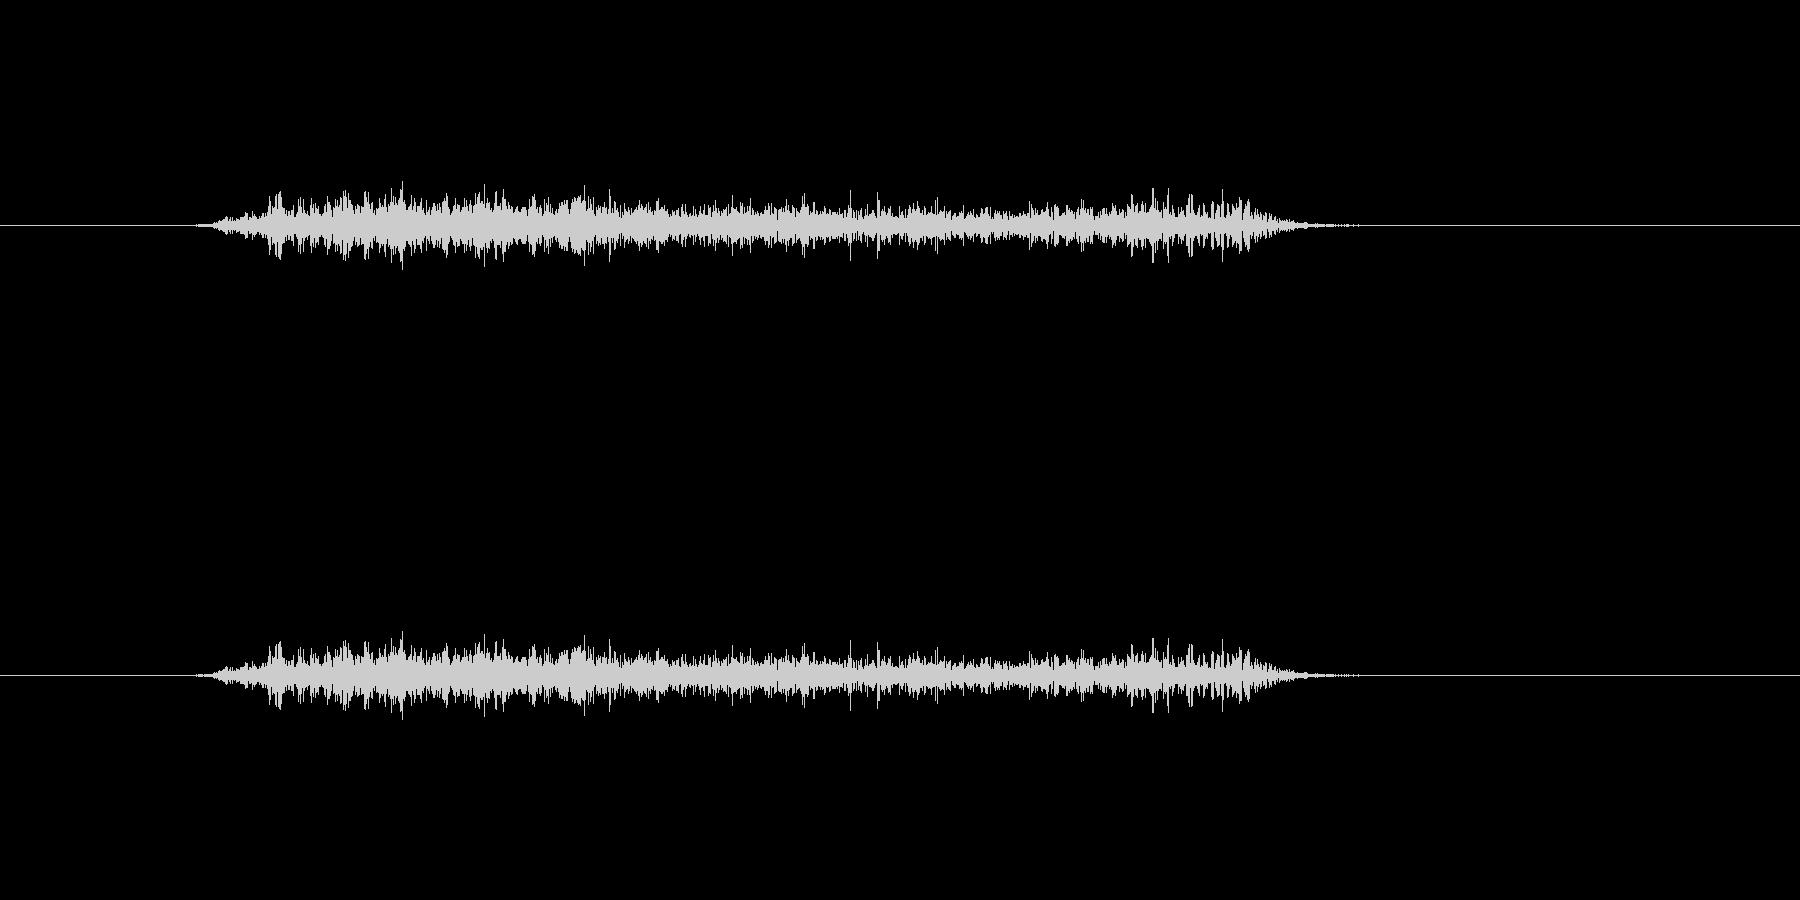 【ボールペン01-06(丸)】の未再生の波形